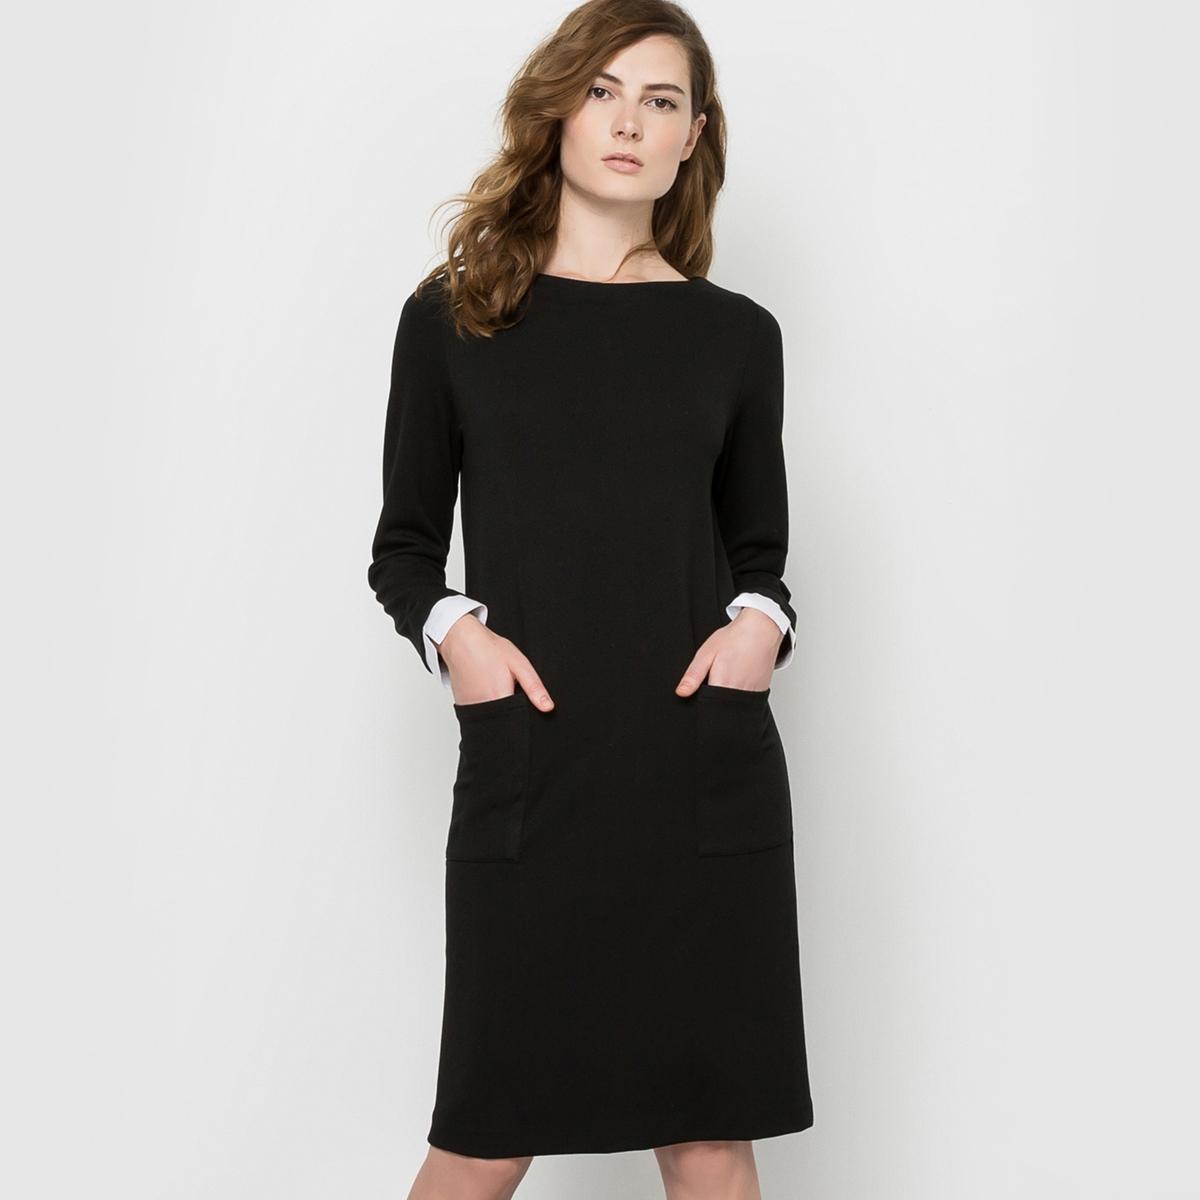 Платье-футляр из плотного трикотажаСостав и описаниеМатериал : платье, 70% вискозы, 25% полиэстера, 5% эластана - манжеты, 100% хлопокДлина : 90 смУходСледуйте рекомендациям по уходу, указанным на этикетке<br><br>Цвет: черный<br>Размер: 36 (FR) - 42 (RUS).38 (FR) - 44 (RUS).40 (FR) - 46 (RUS).42 (FR) - 48 (RUS).46 (FR) - 52 (RUS).50 (FR) - 56 (RUS)